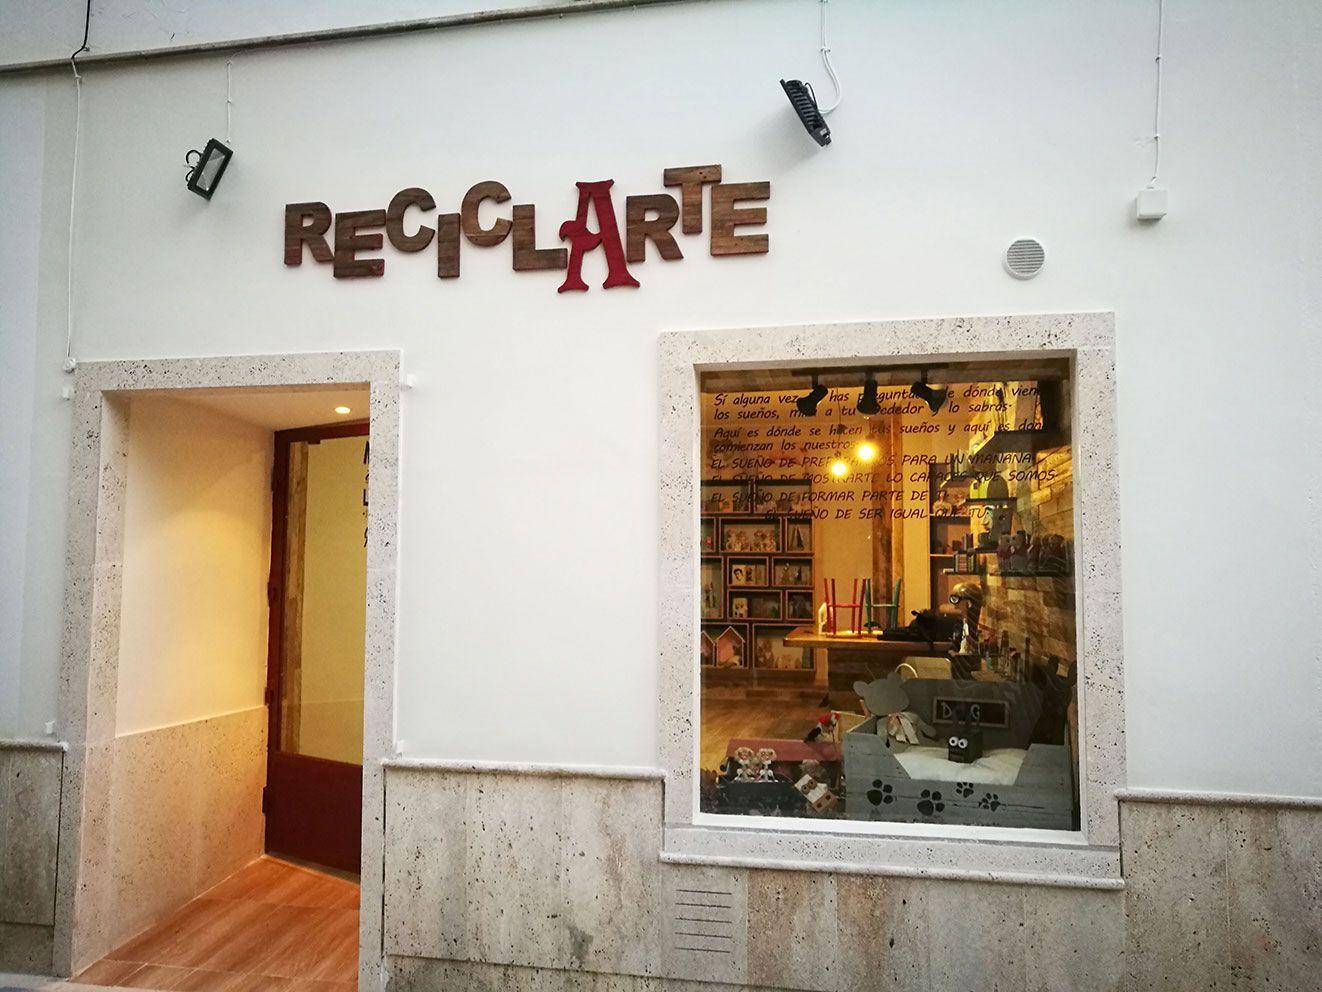 Reciclarte exterior